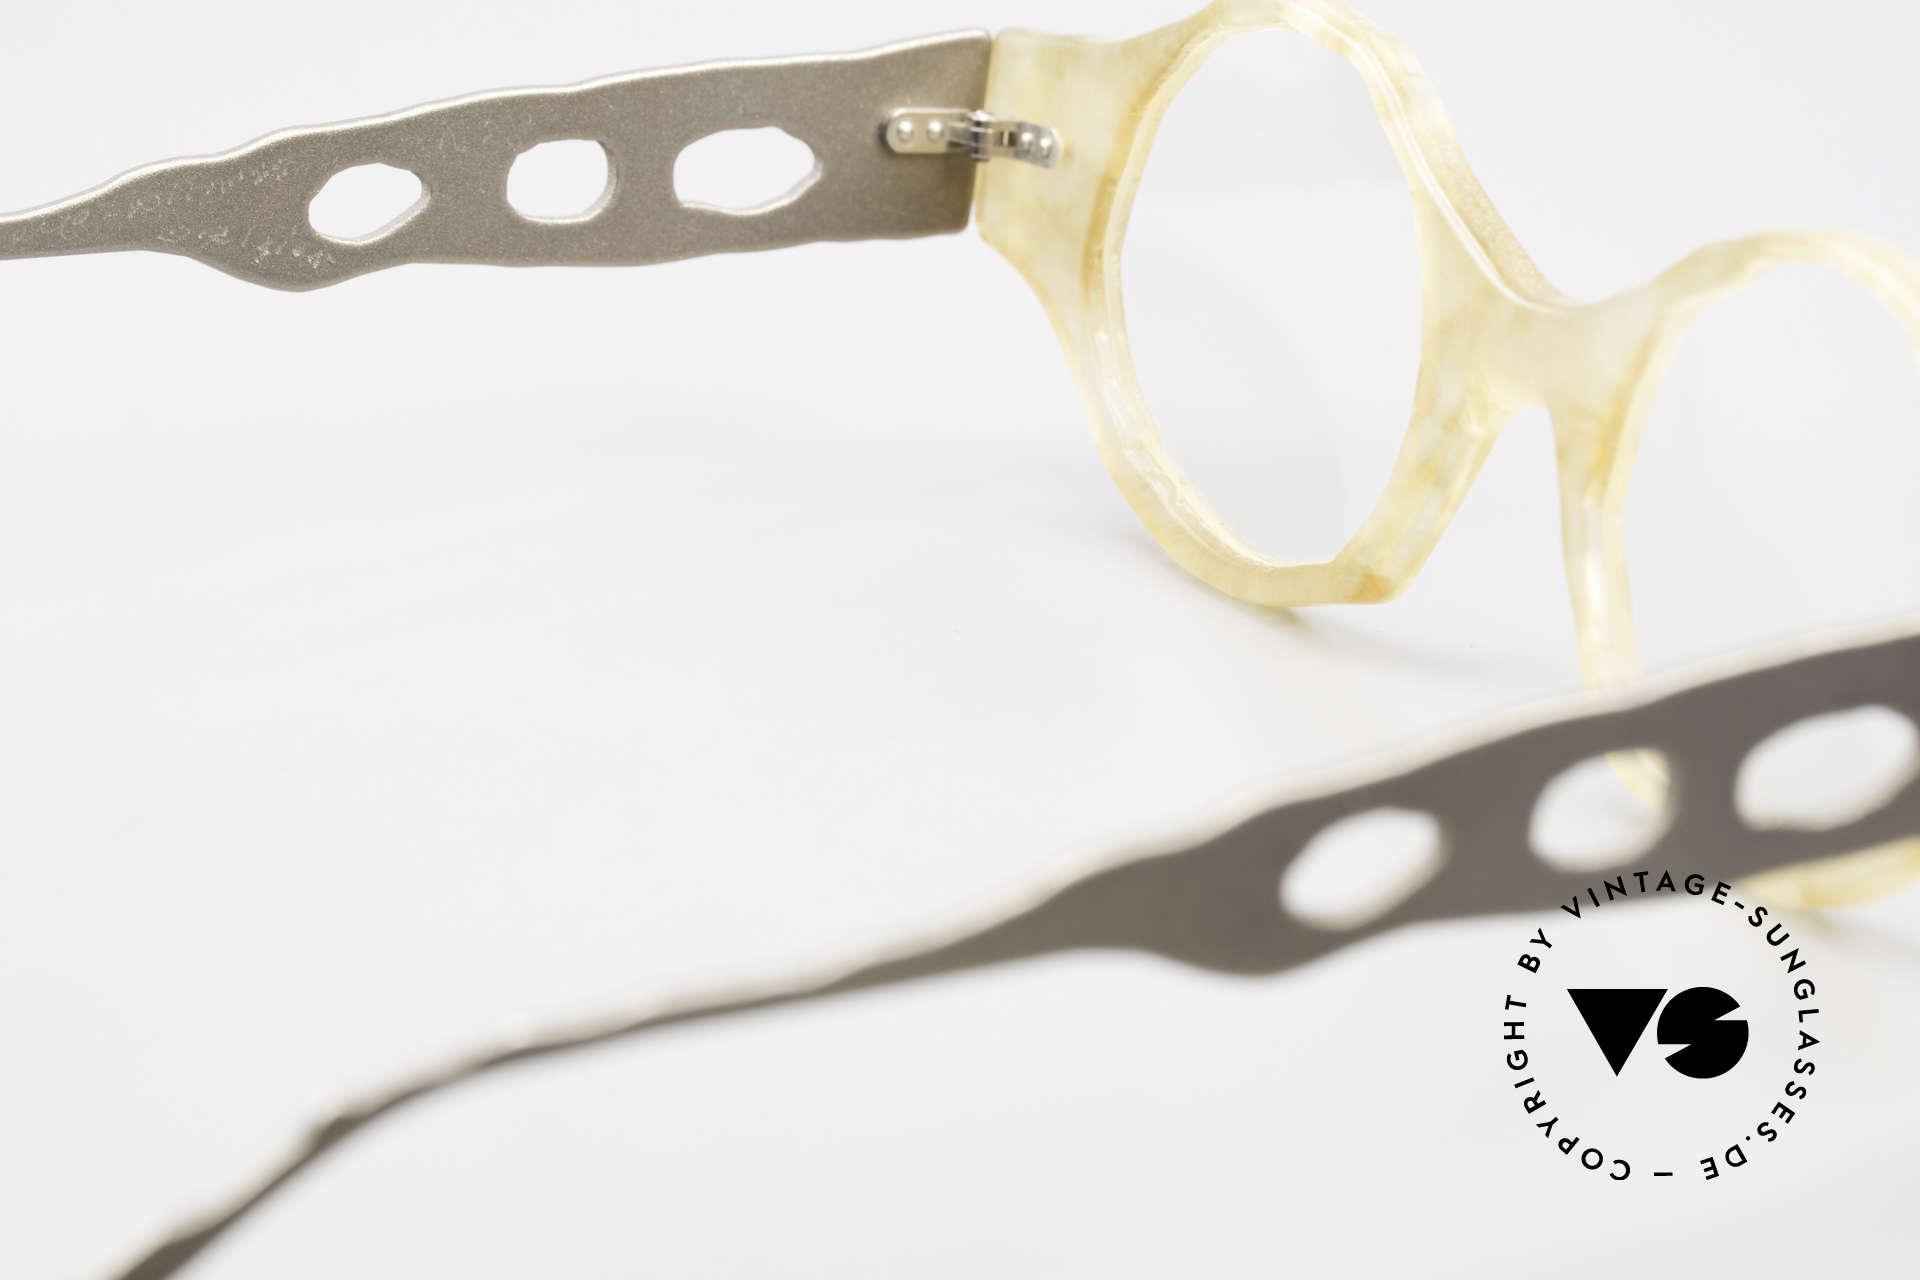 Theo Belgium Eye-Witness BK38 Avant-Garde Designer Glasses, so to speak: vintage eyeglasses with representativeness, Made for Men and Women